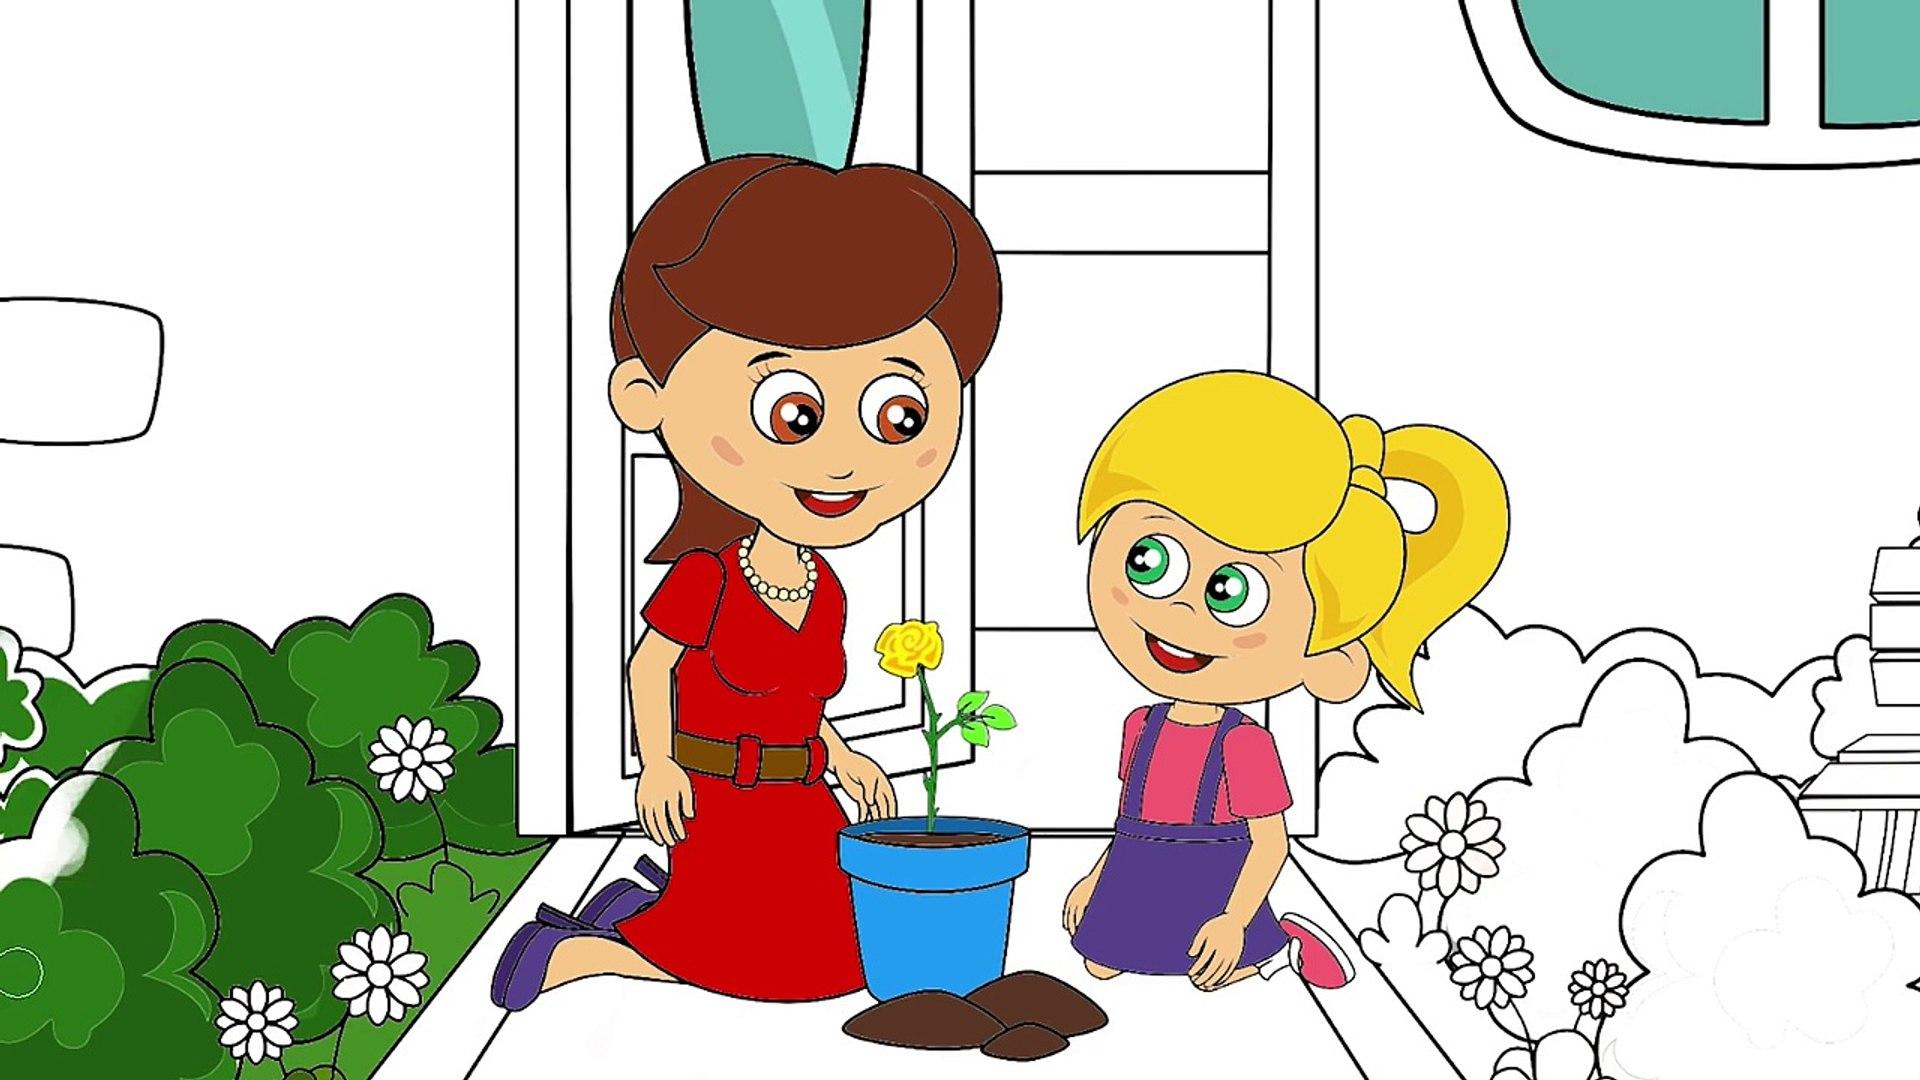 Sevimli Dostlar Cizgi Film Karakter Boyama Sayfasi 1 Cizgi Film